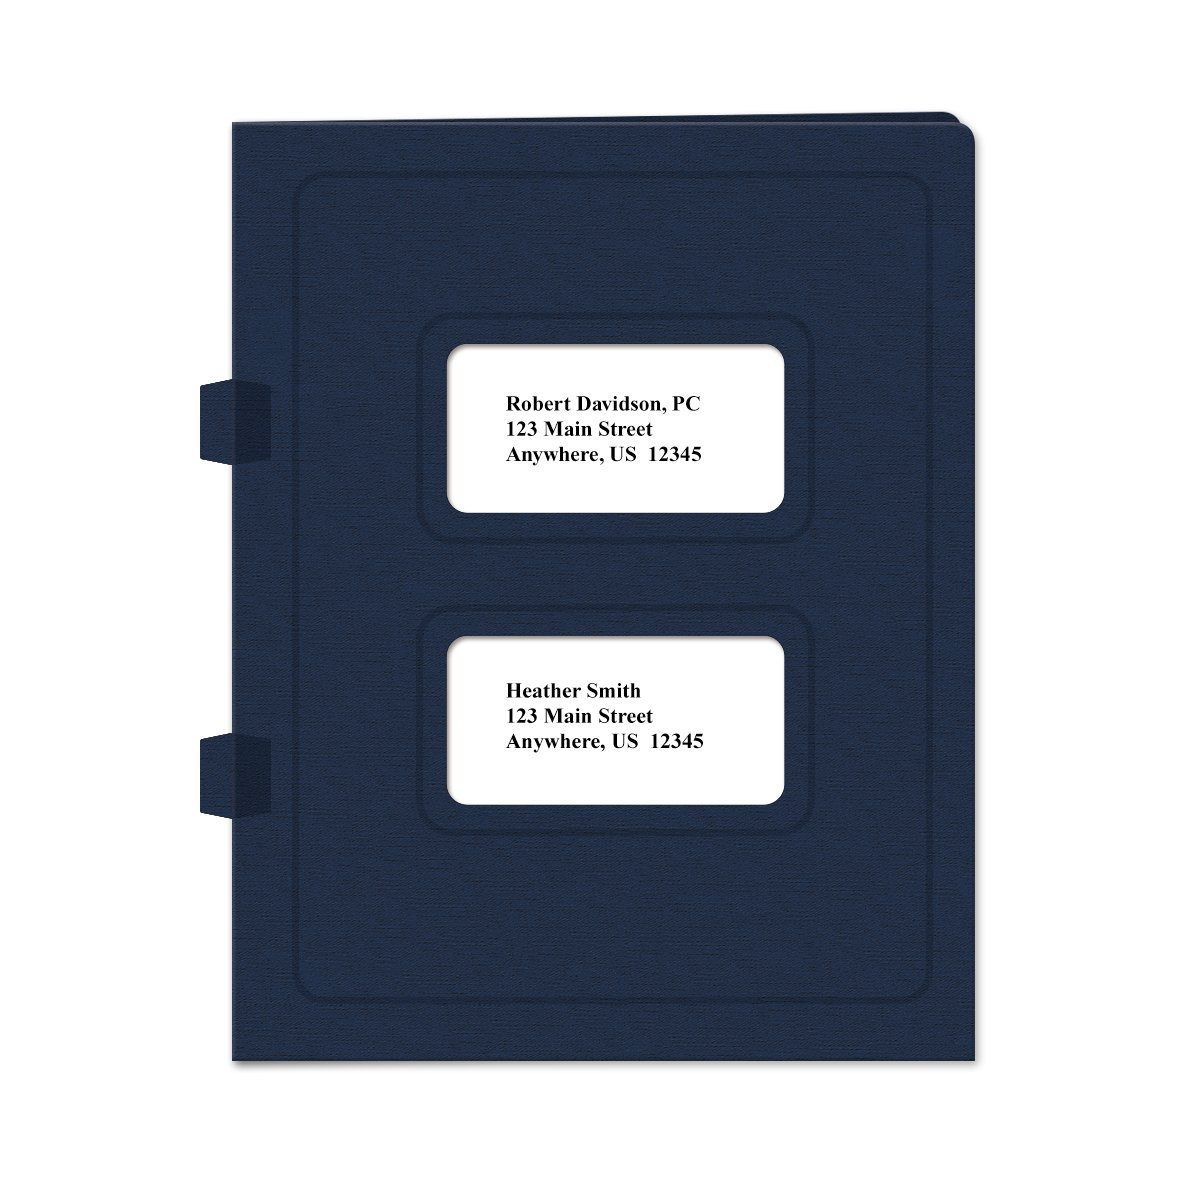 Tax Return Software Folder - Side-Tabbed - 50 Pack